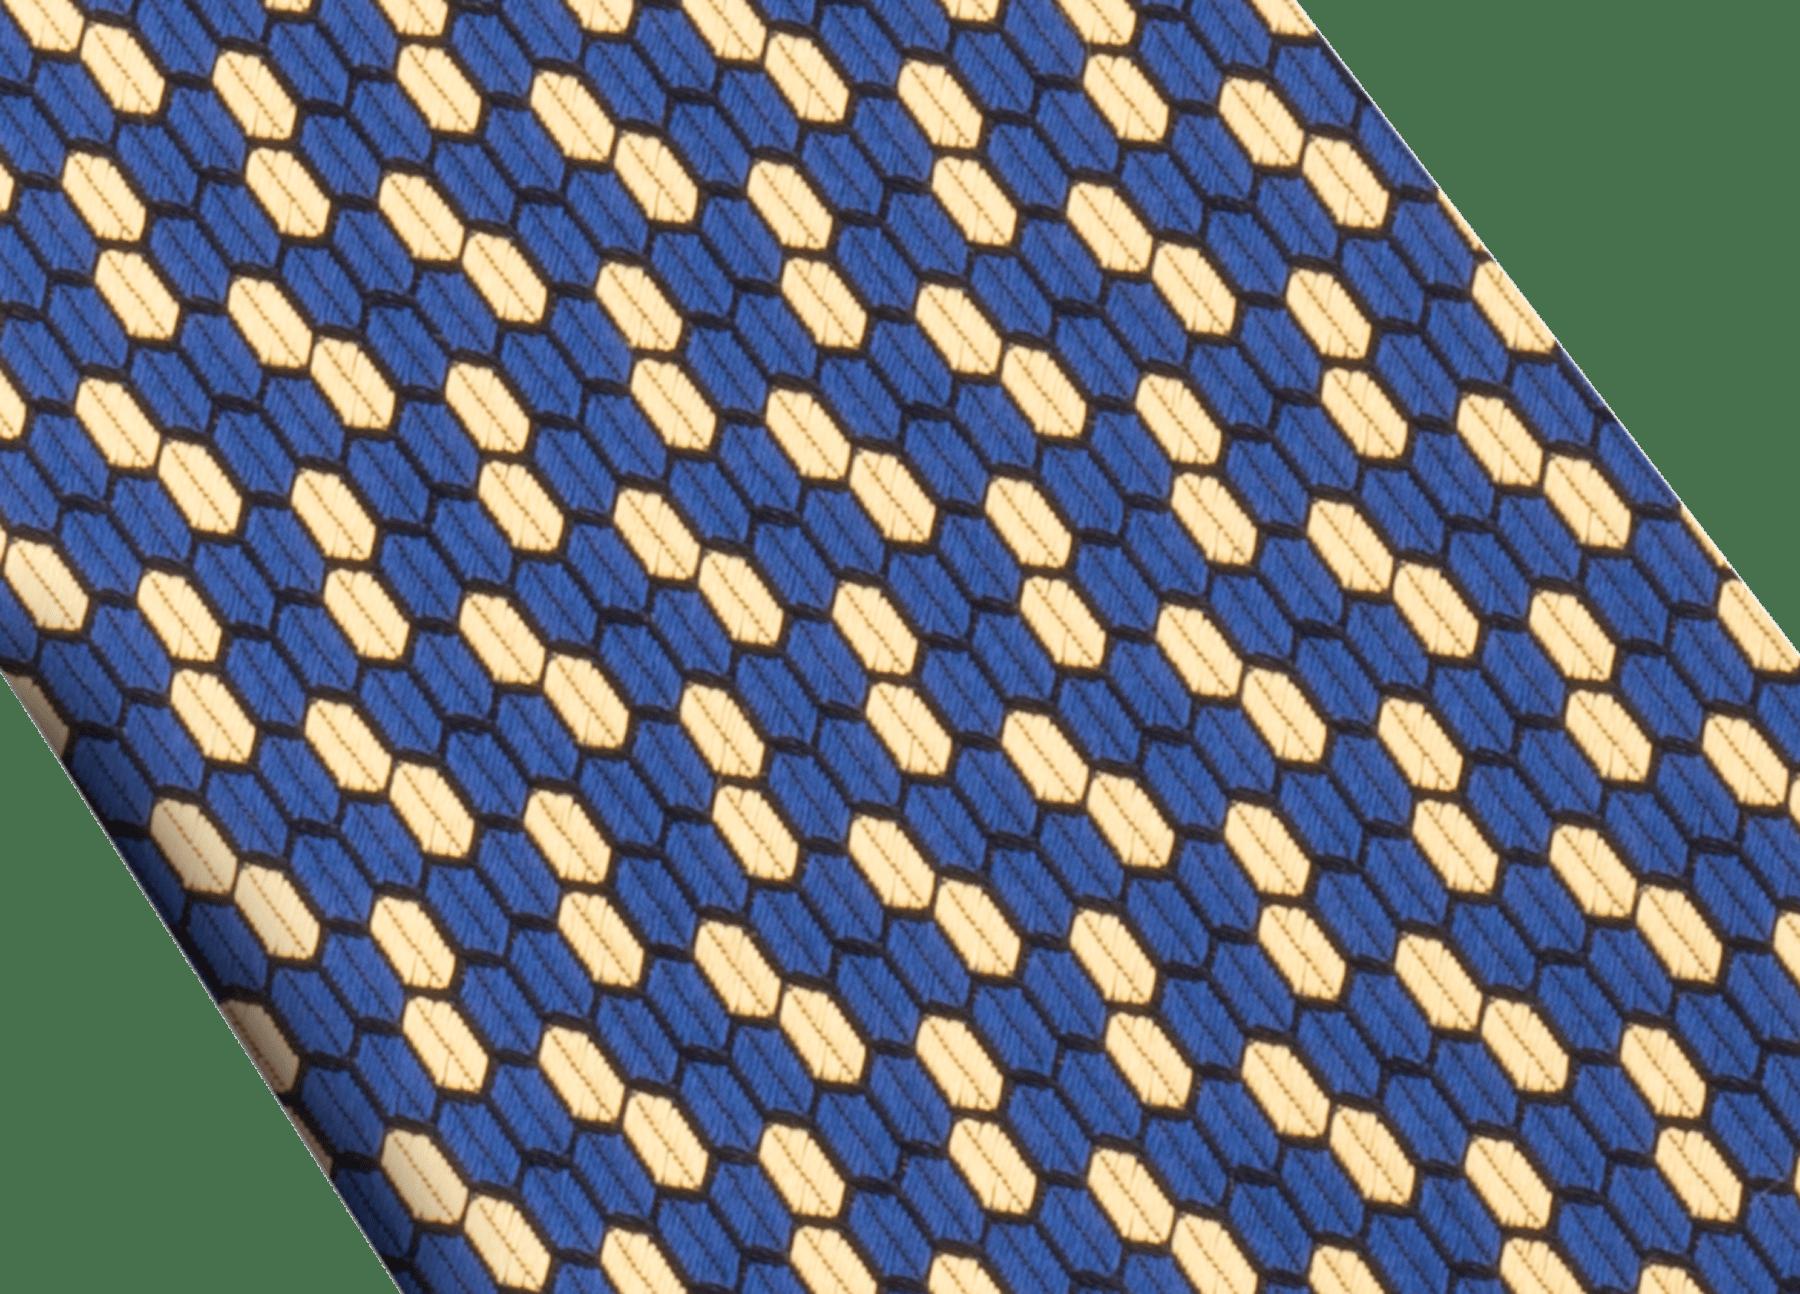 イエローのダブル マルチスケール ネクタイ。上質なジャカードシルク製。 244430 image 2